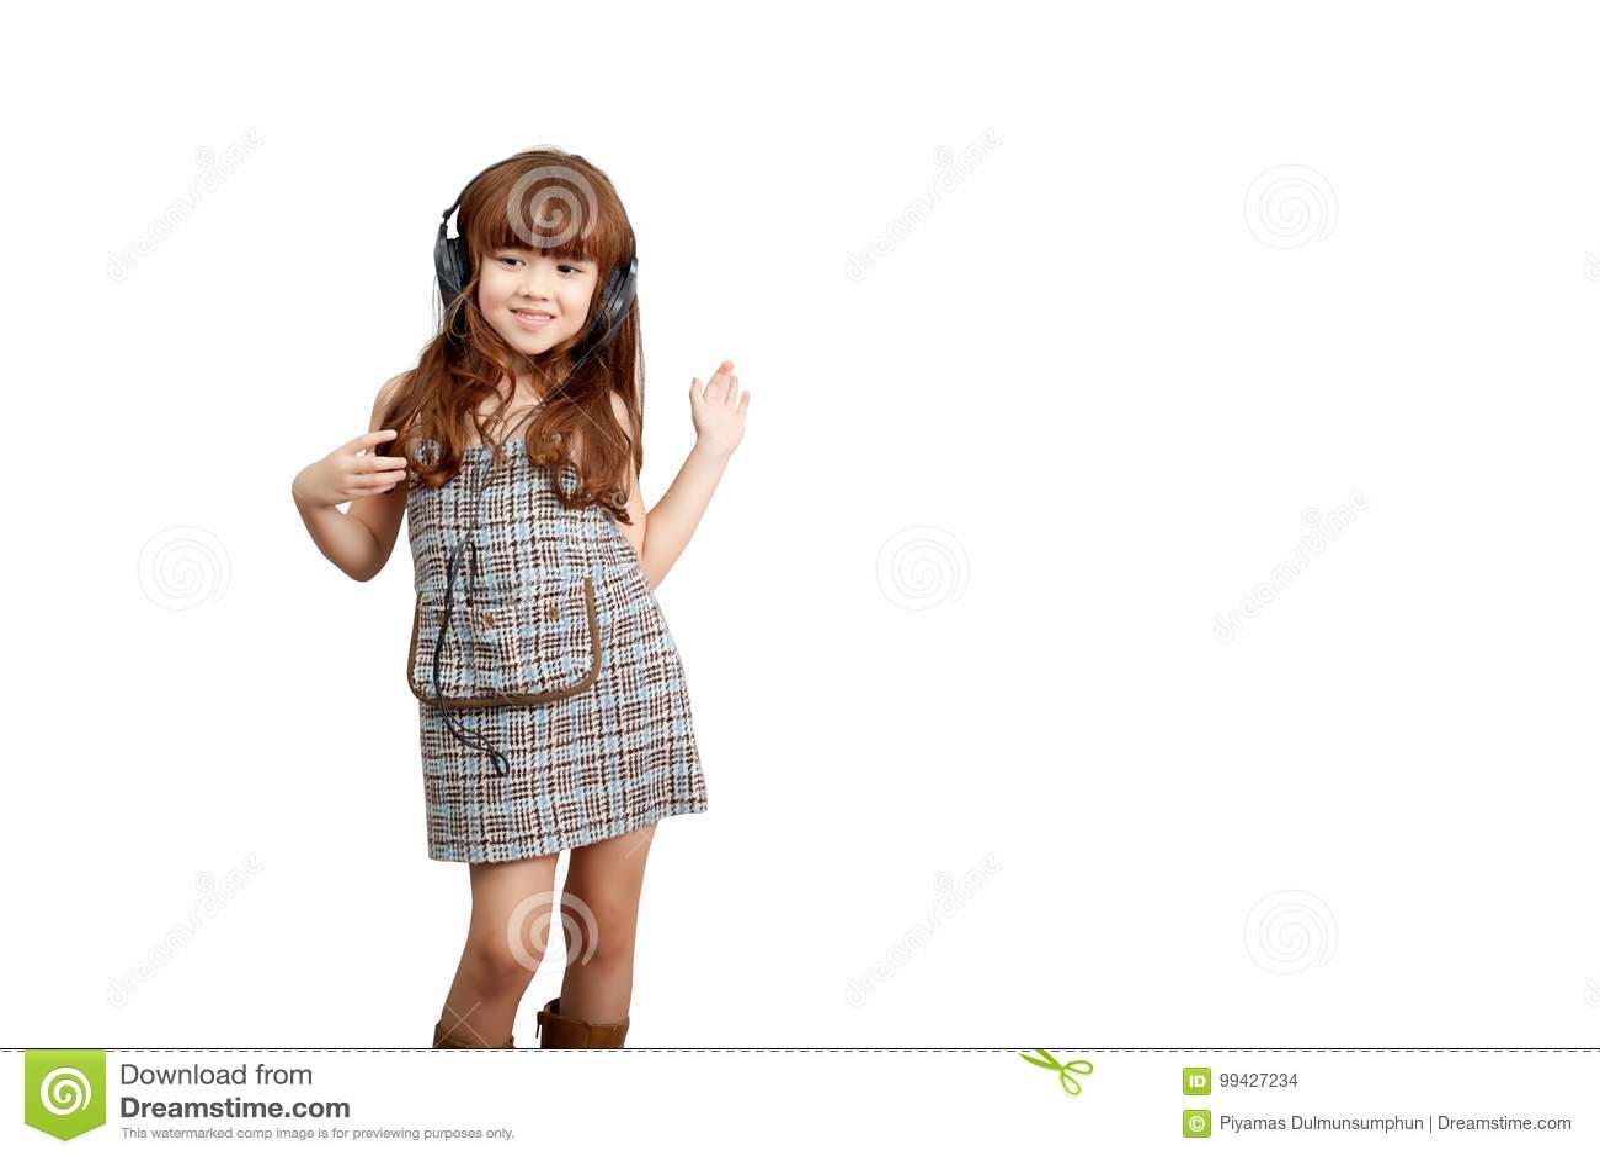 Έννοια τρόπου ζωής πάθους μουσικής: Ευτυχές χαριτωμένο κορίτσι στο ακουστικό